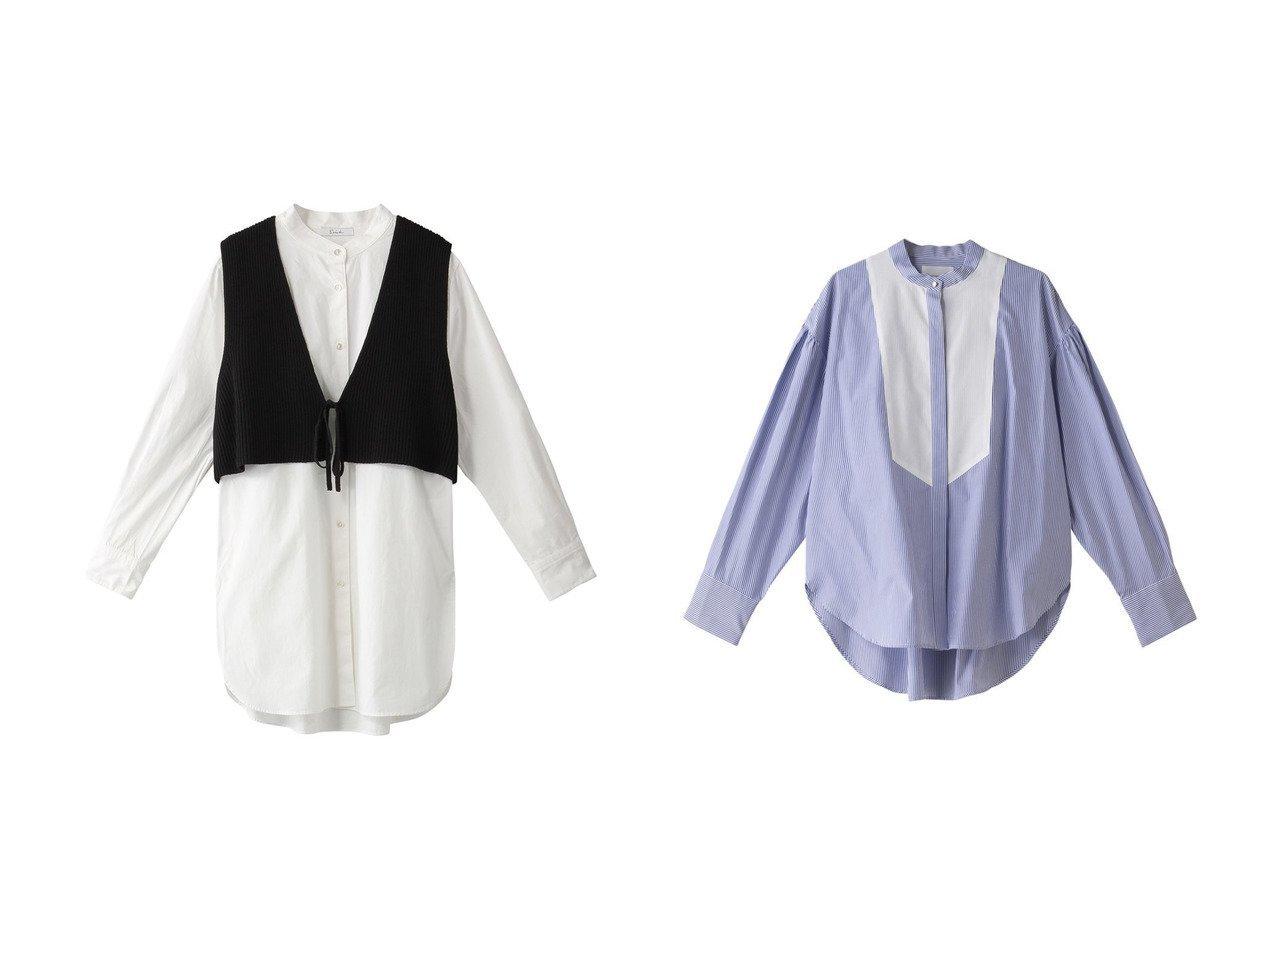 【Ezick/エジック】のニットベスドシャツセット&【MIDIUMISOLID/ミディウミソリッド】のmens like dress shirt 【トップス・カットソー】おすすめ!人気、トレンド・レディースファッションの通販  おすすめで人気の流行・トレンド、ファッションの通販商品 メンズファッション・キッズファッション・インテリア・家具・レディースファッション・服の通販 founy(ファニー) https://founy.com/ ファッション Fashion レディースファッション WOMEN トップス・カットソー Tops/Tshirt ニット Knit Tops シャツ/ブラウス Shirts/Blouses ワンピース Dress ドレス Party Dresses ショート スリーブ ベスト ベーシック ロング 2021年 2021 2021春夏・S/S SS/Spring/Summer/2021 S/S・春夏 SS・Spring/Summer おすすめ Recommend クラシック スタンド フロント ボトム ワイド 春 Spring |ID:crp329100000028272